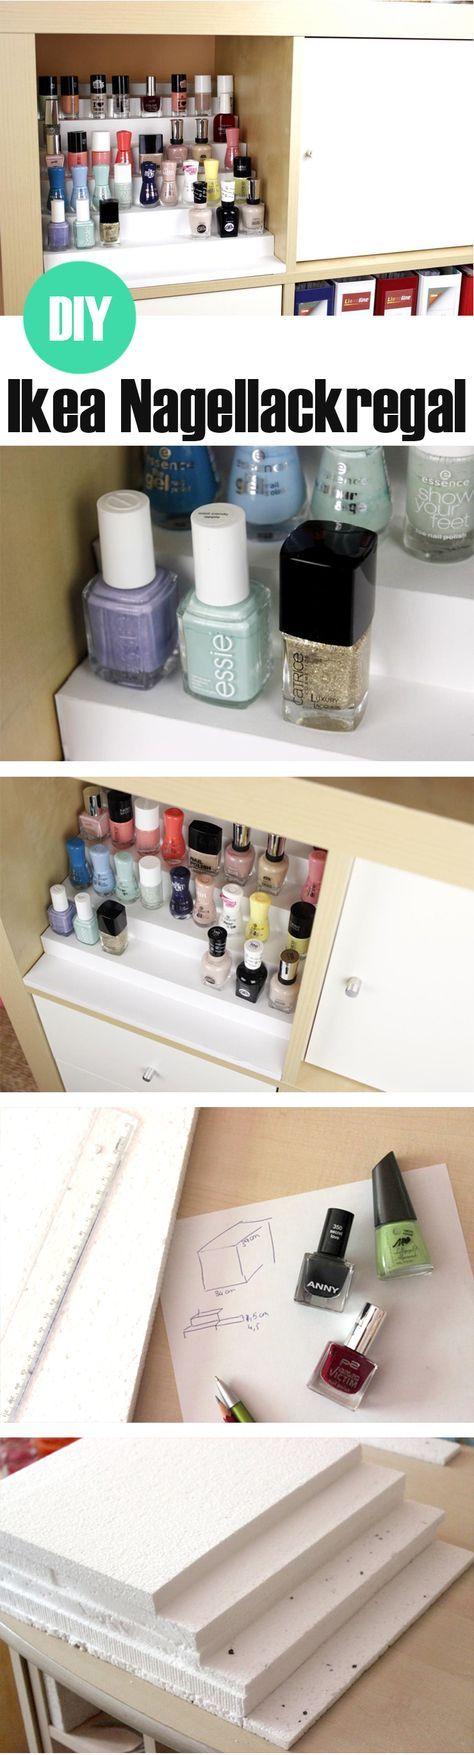 DIY: Nagellacktreppe fürs Ikea Regal günstig selber machen